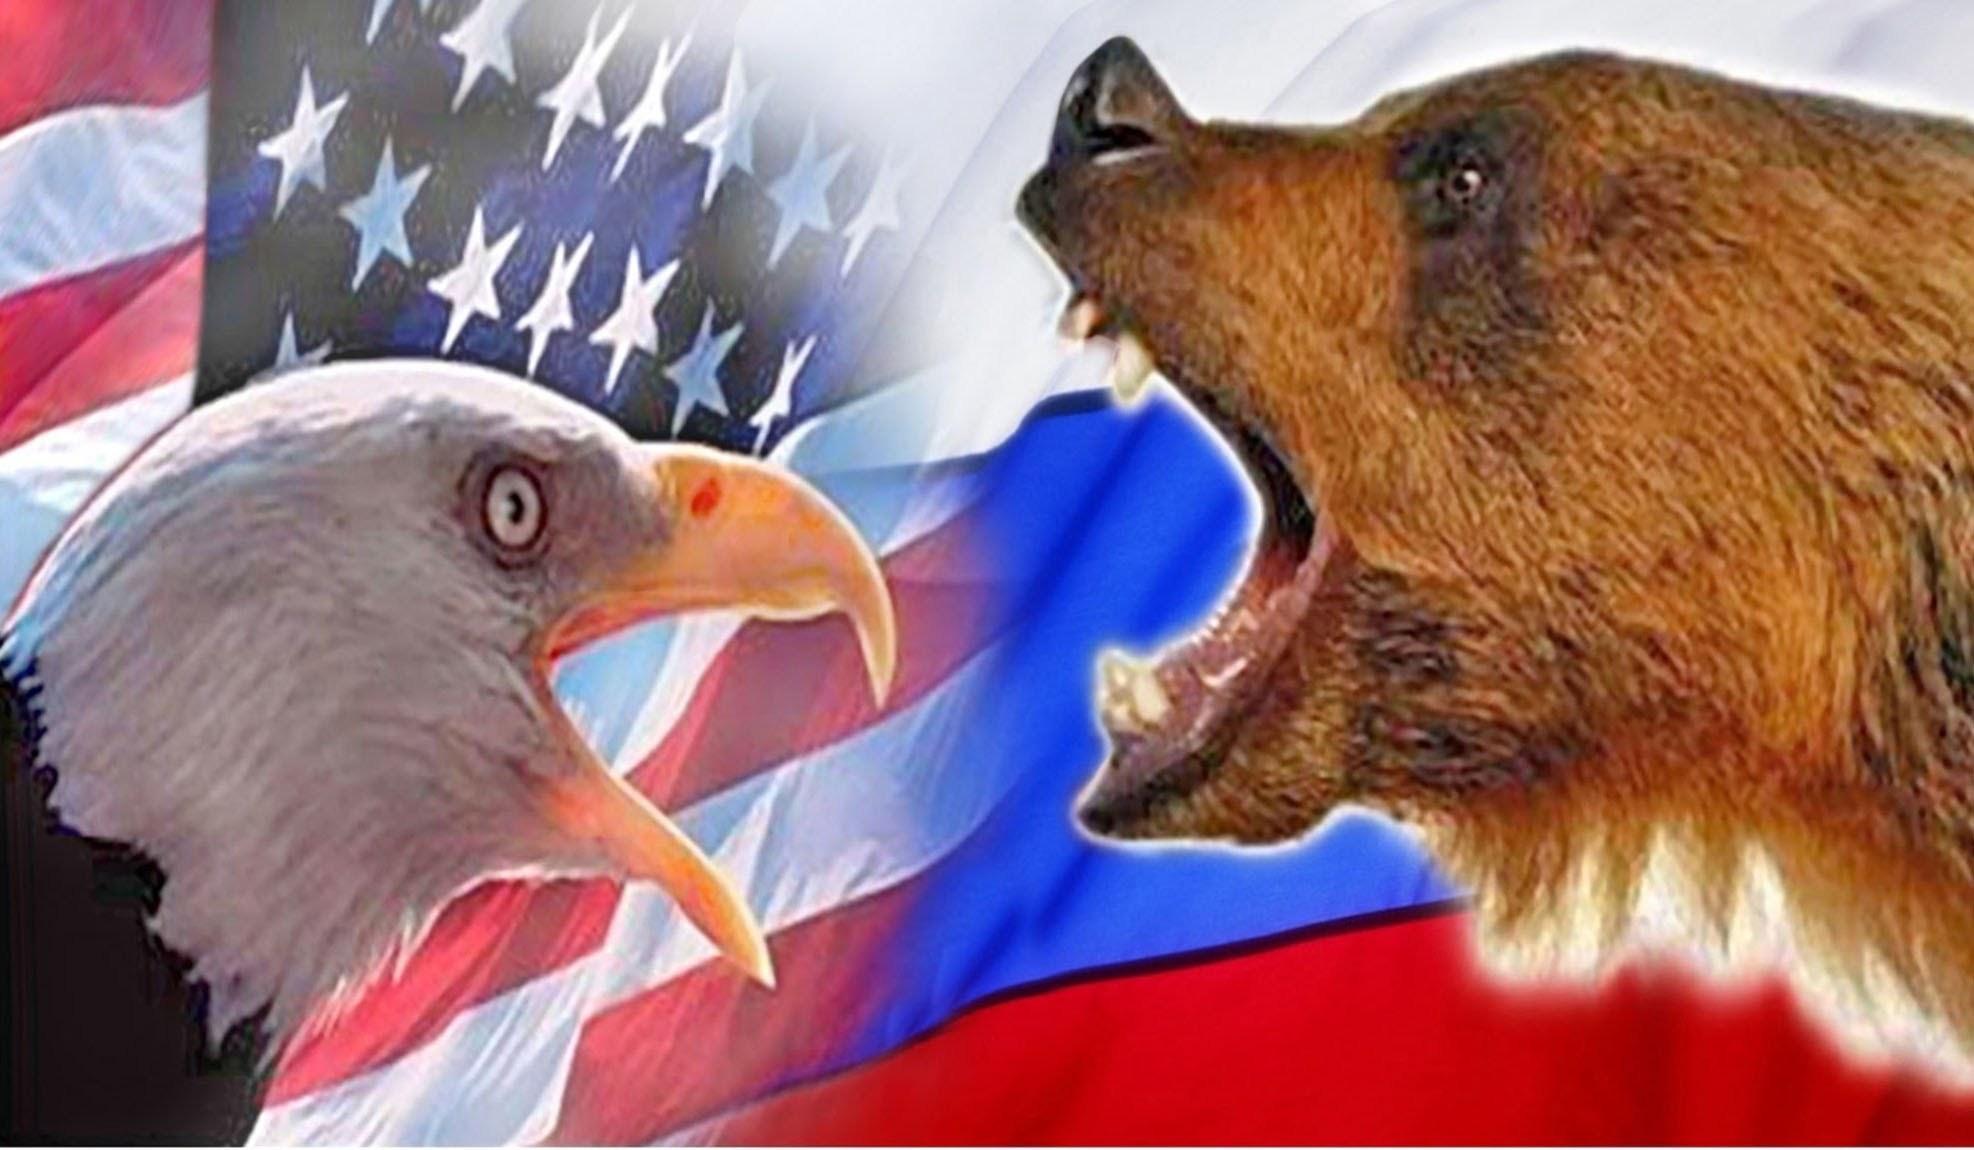 Картинка медведя россия и украина